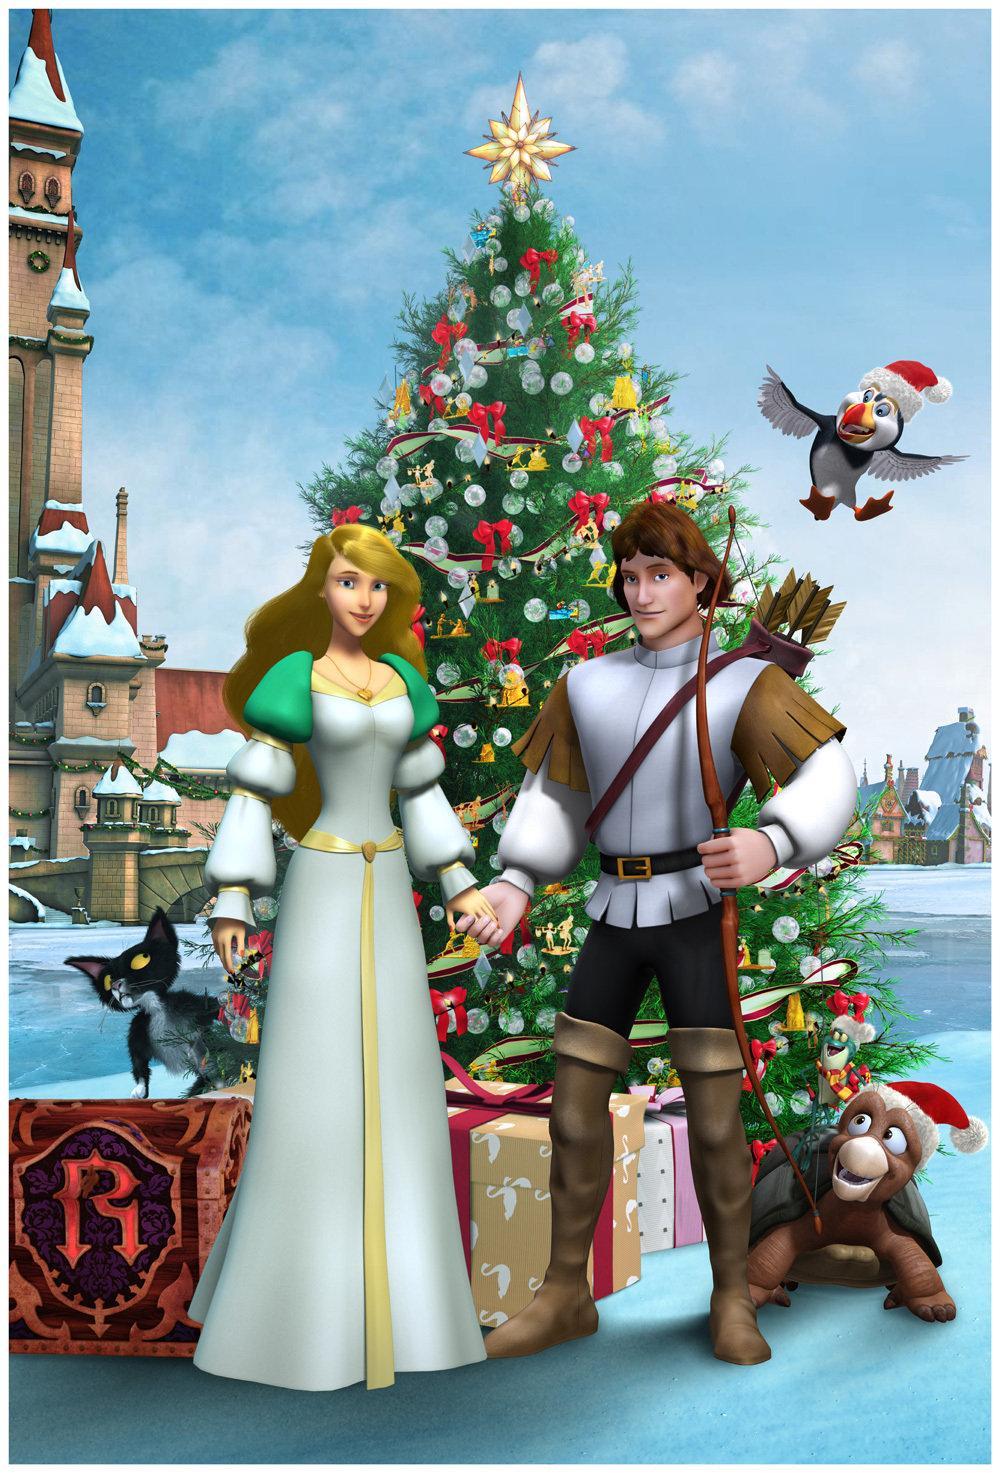 the swan princess christmasjpg - Princess Christmas